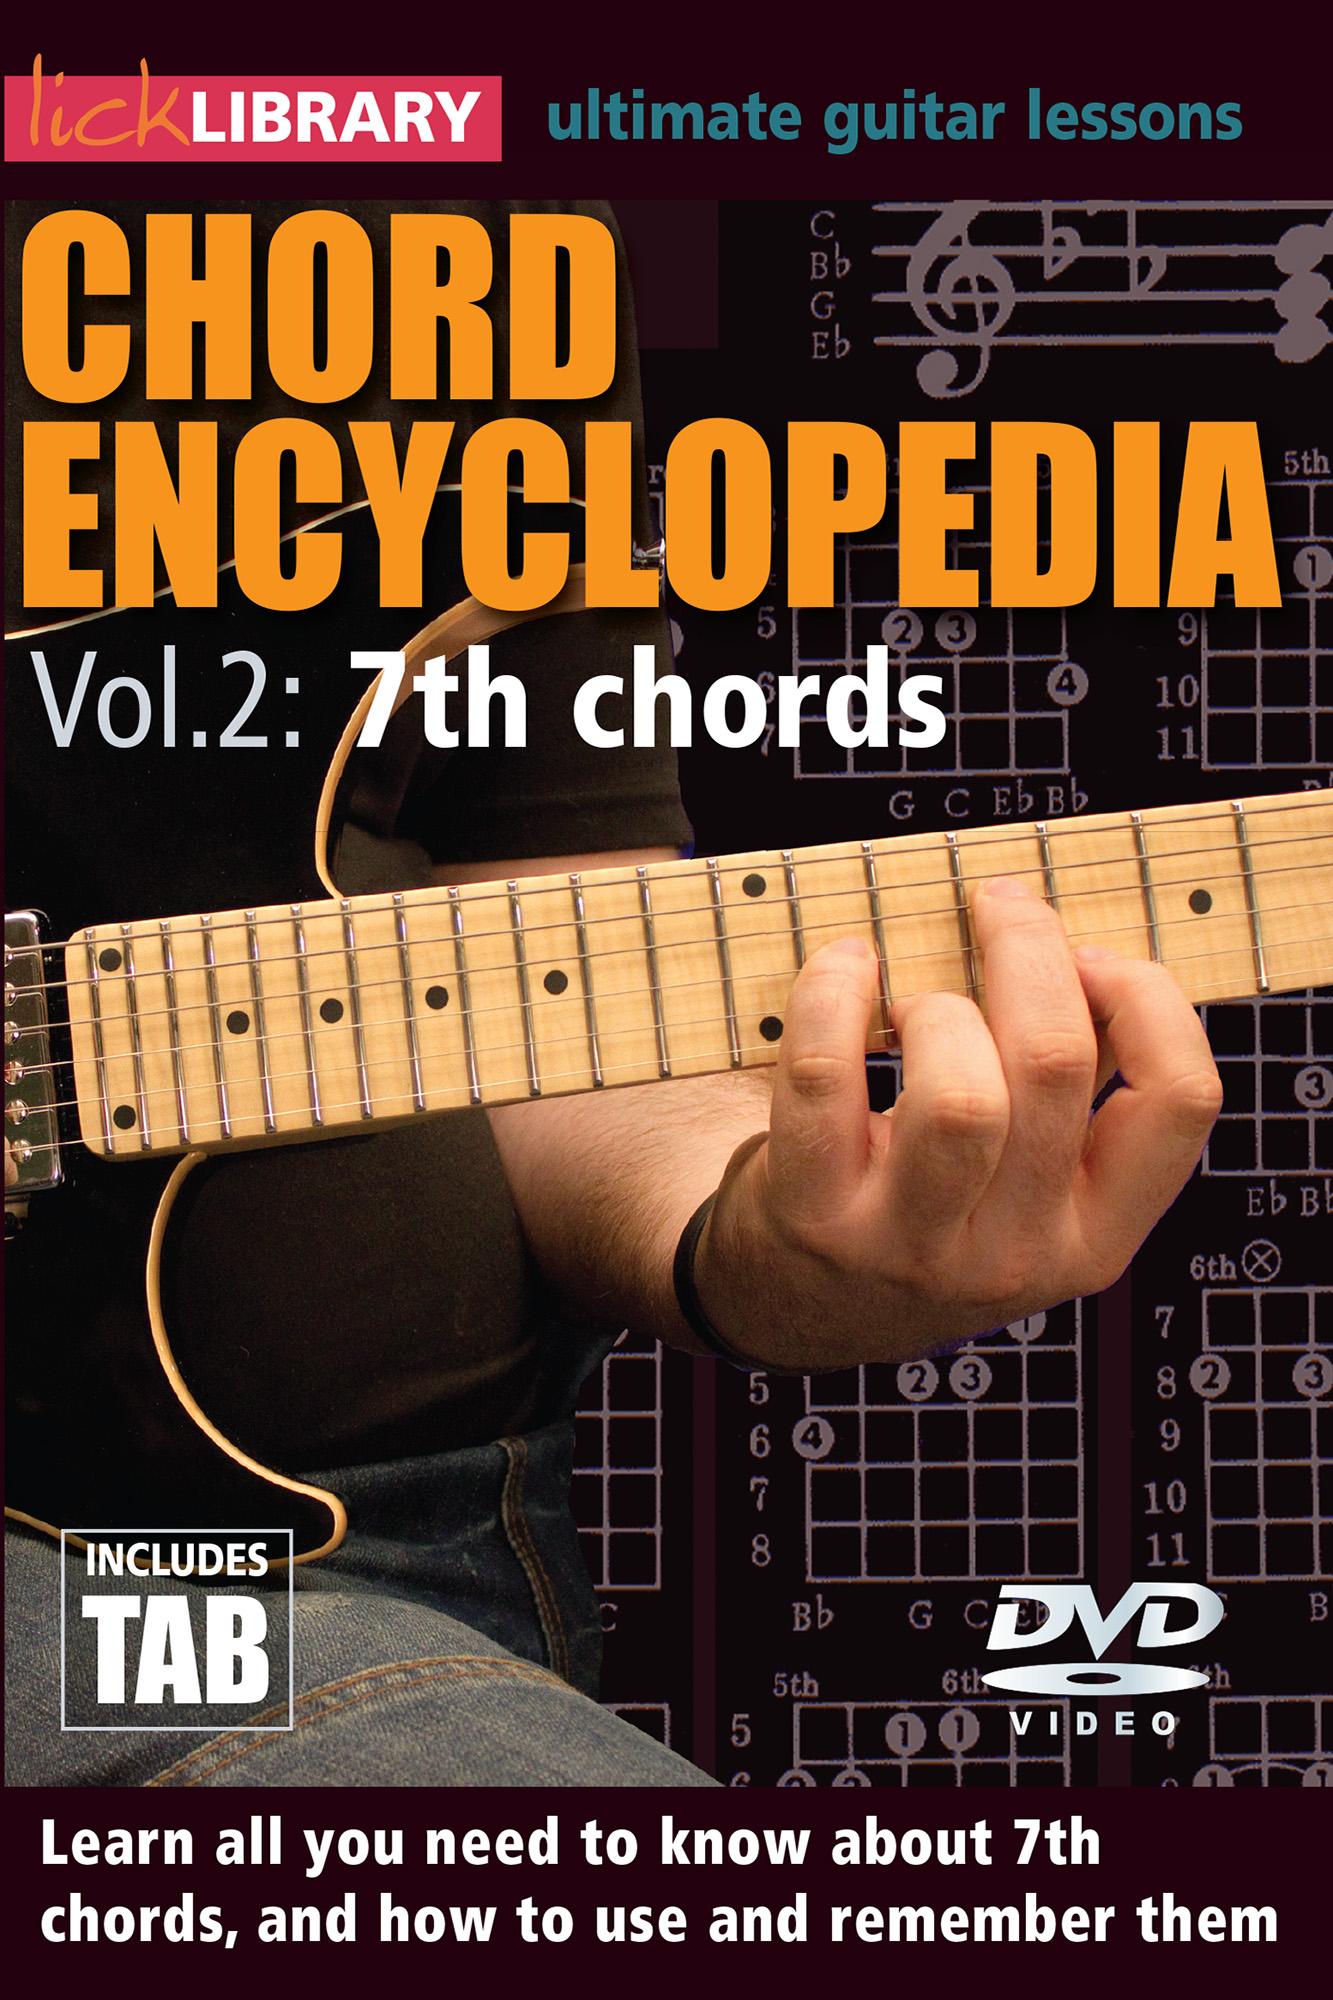 Chord Encyclopedia Volume 2 - 7th Chords